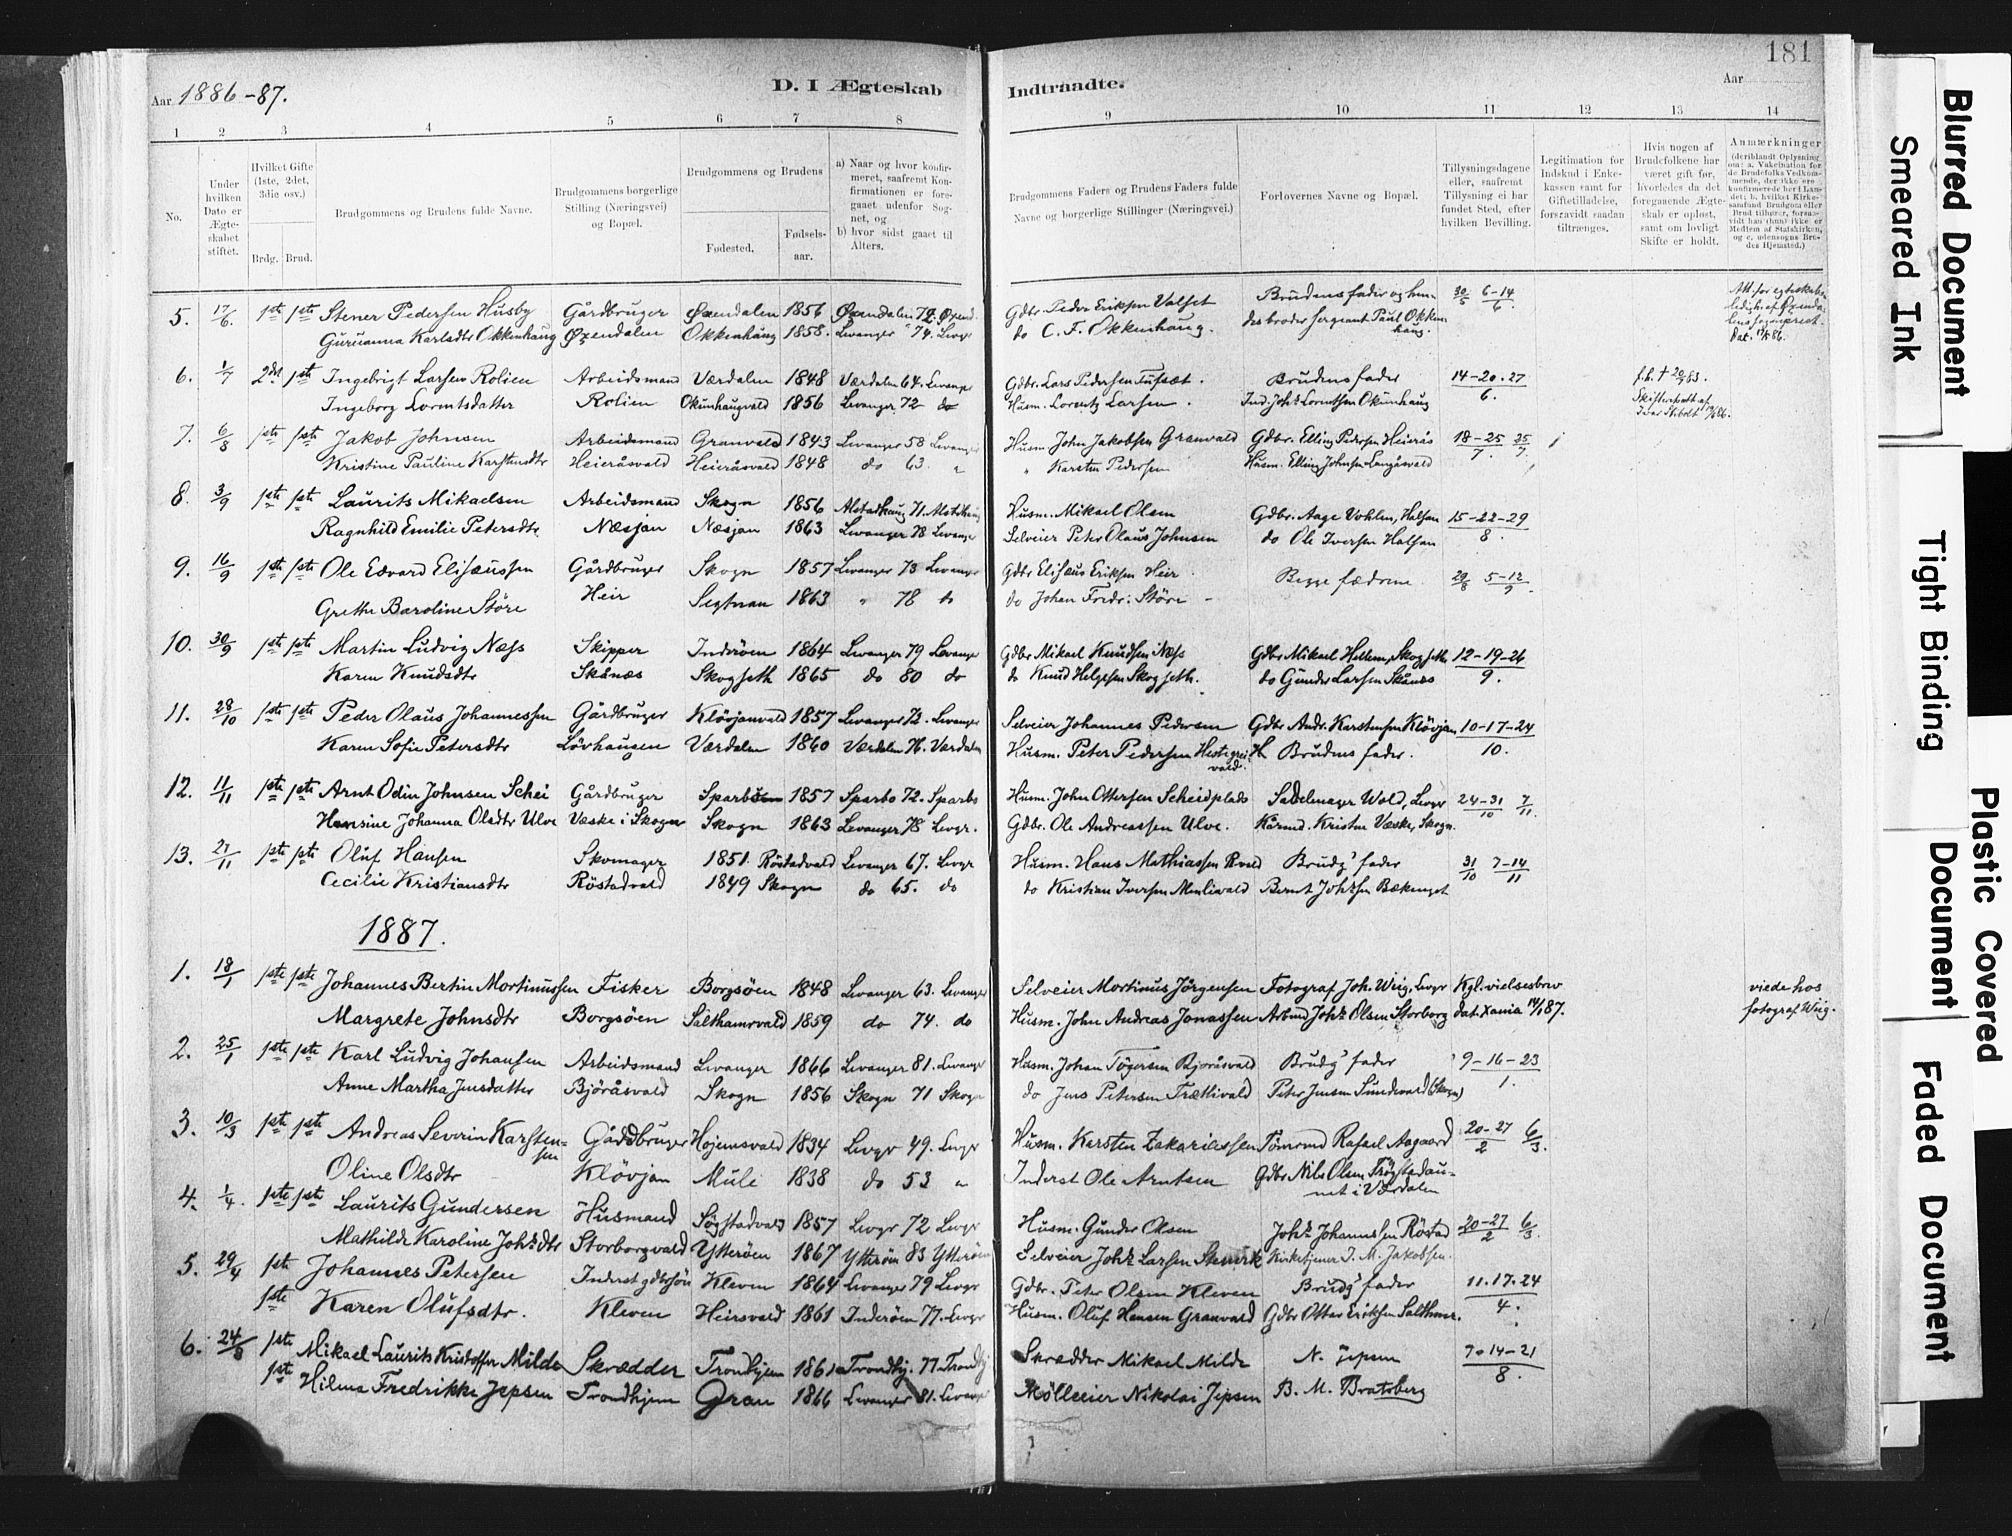 SAT, Ministerialprotokoller, klokkerbøker og fødselsregistre - Nord-Trøndelag, 721/L0207: Ministerialbok nr. 721A02, 1880-1911, s. 181